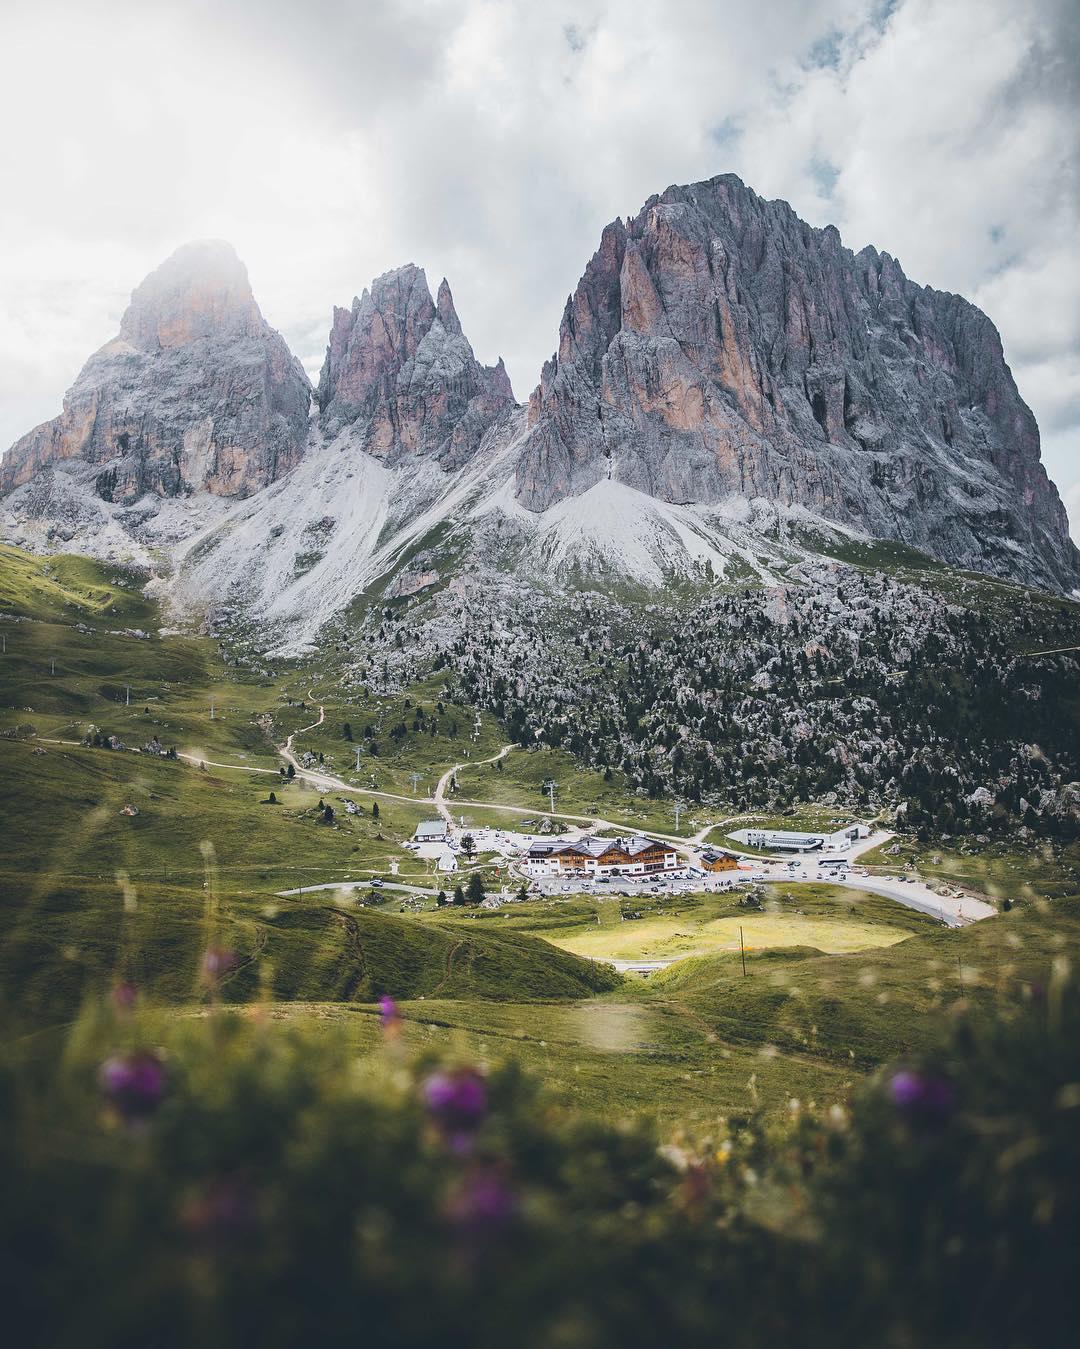 Пейзажи и путешествия на снимках Томаса Лоттера